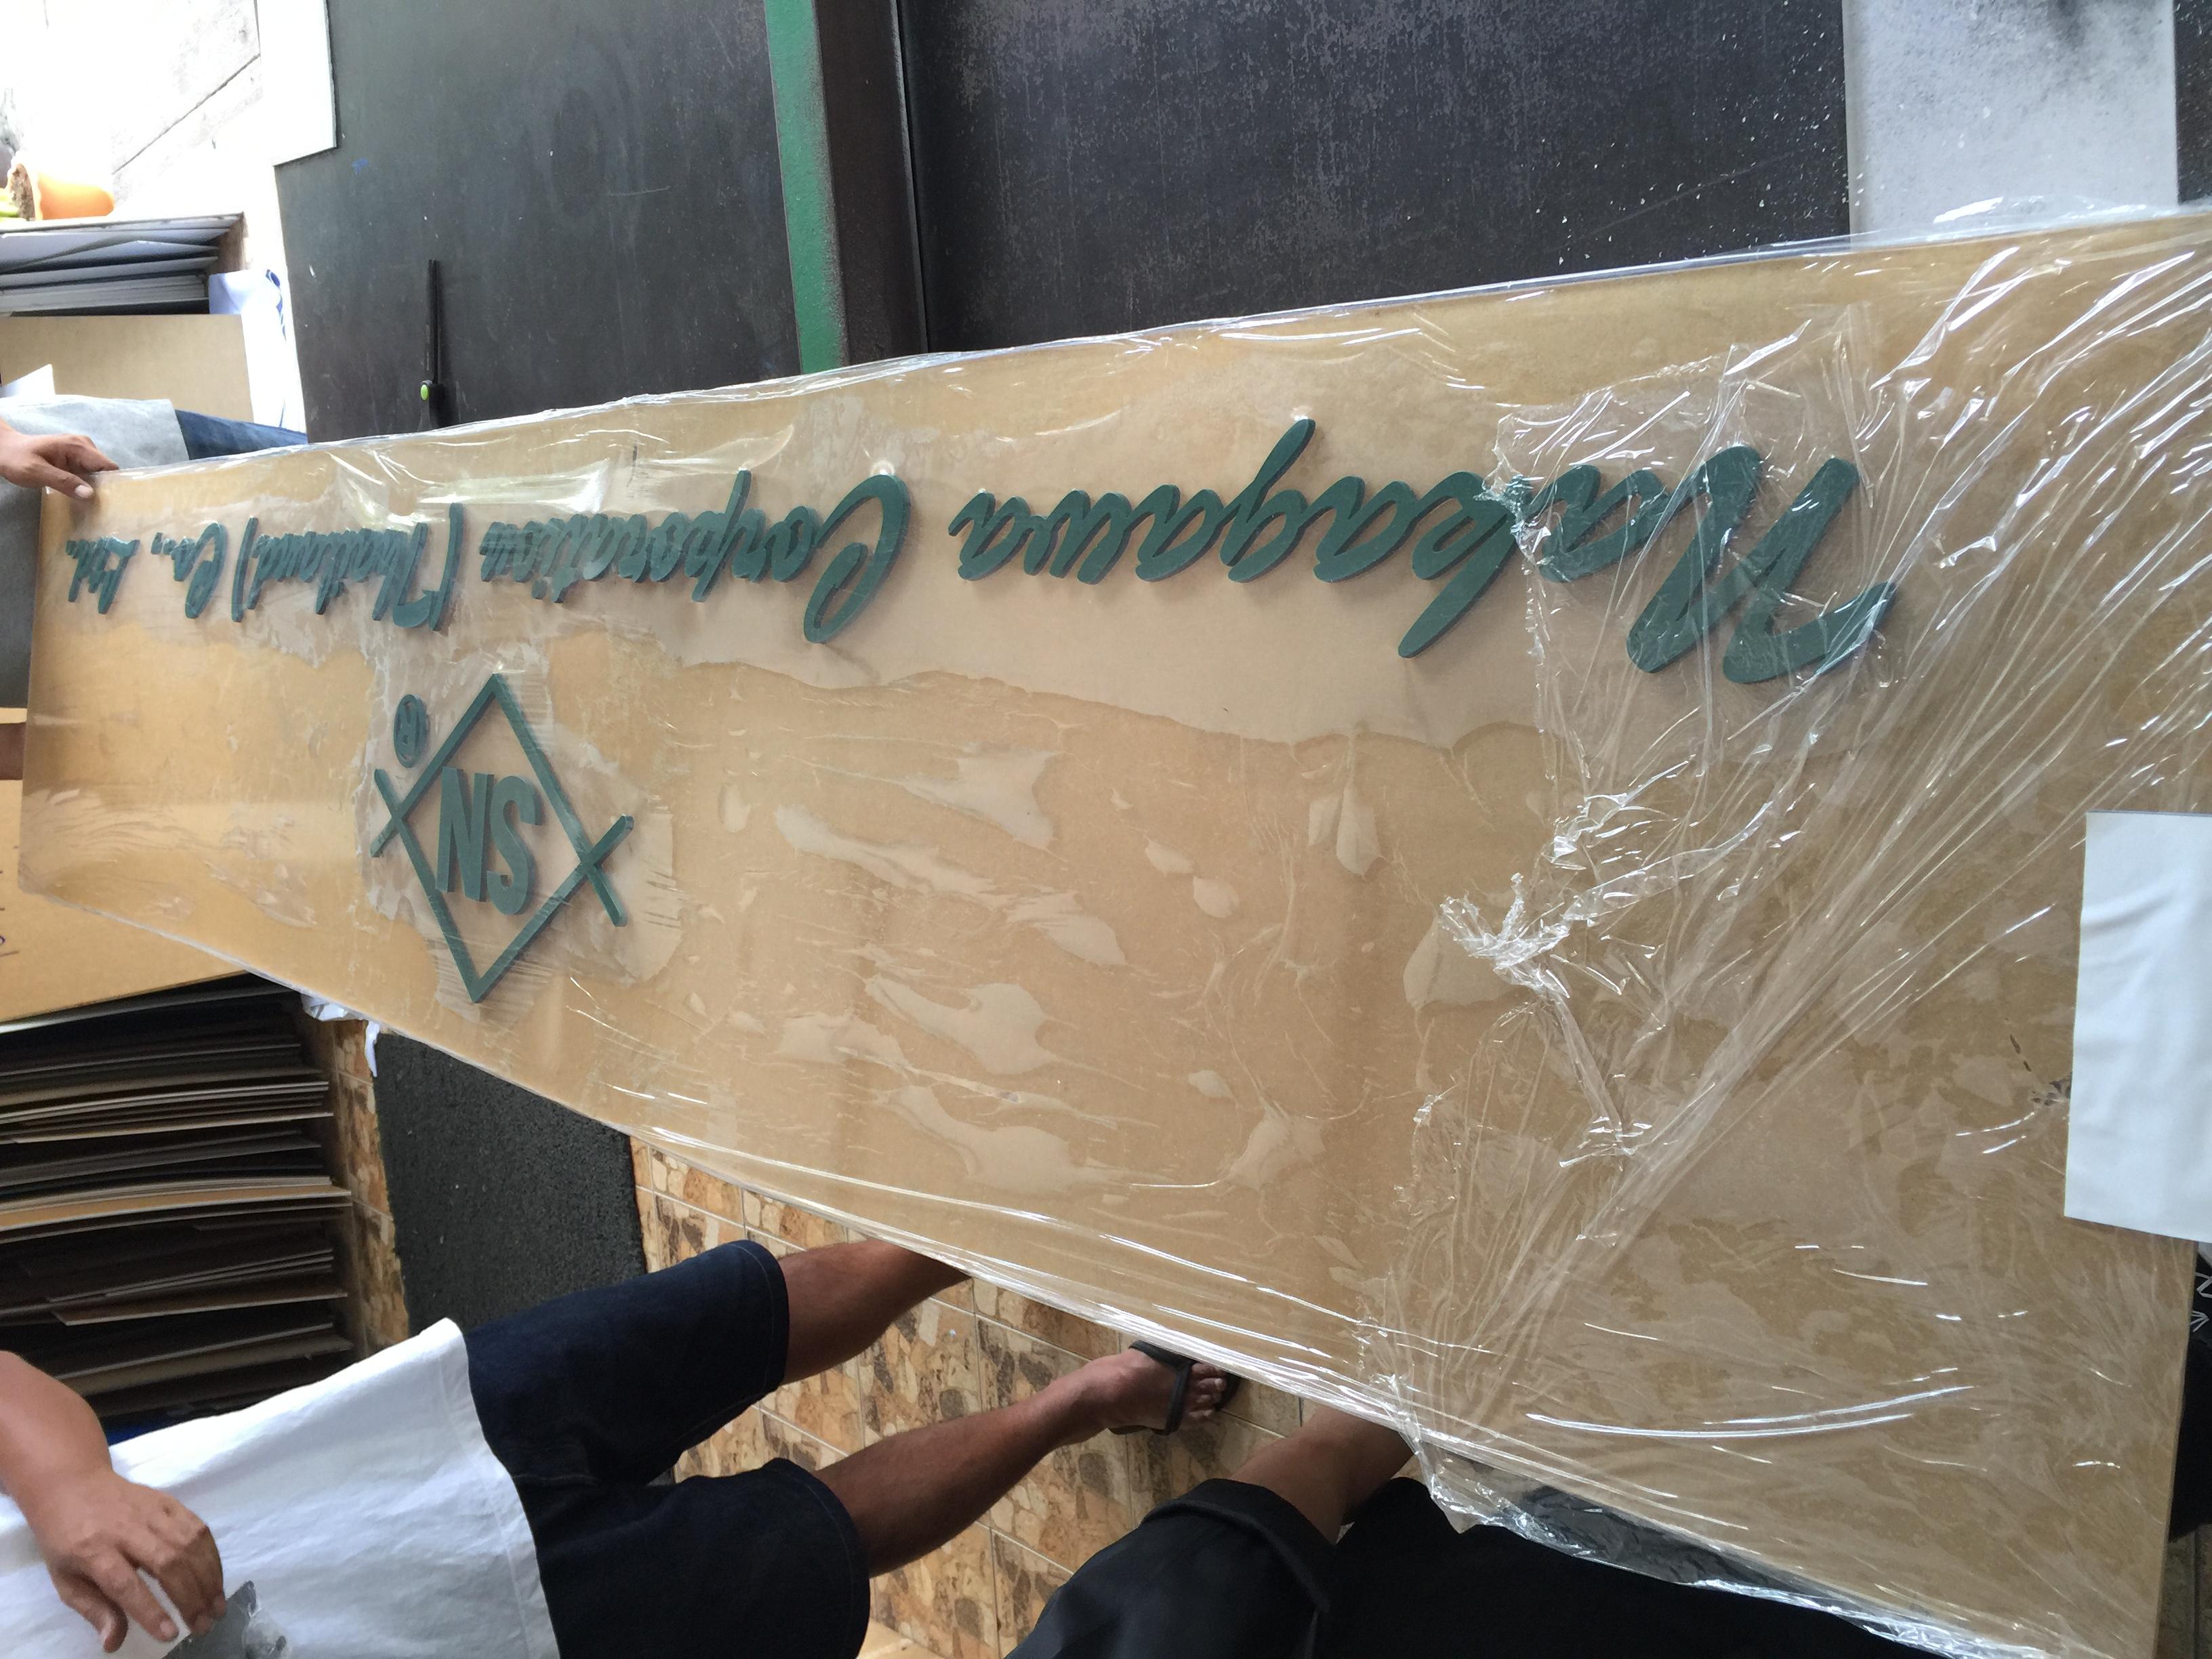 ป้ายบริษัท อะคริลิค 2 ชั้น รับทำป้าย... ครบจบที่เดียวครับ 😊 ----ติดต่อเรา----- 📲 088.015.8970 // เต่า 📲 085.110.1132 // แอ๊นท์ Line : taoza-jongjong Facebook : ADART 📭 taozajongjong@yahoo.com